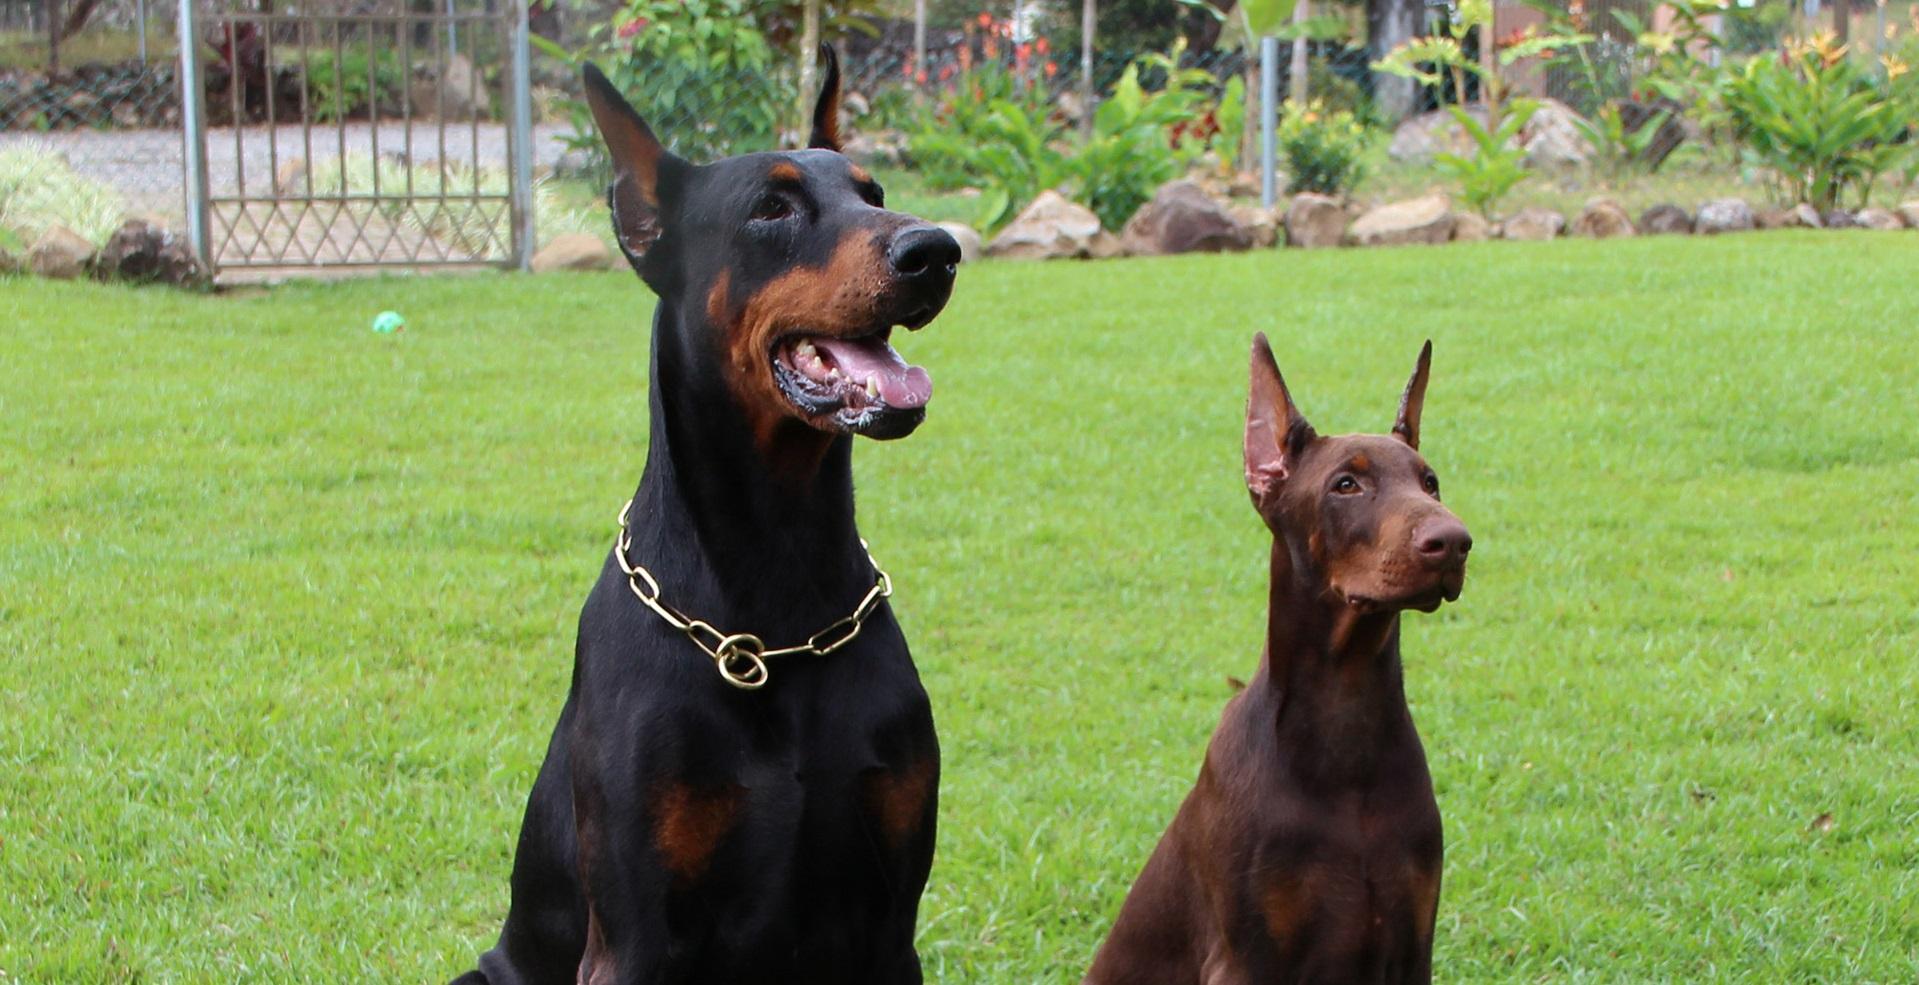 Cirurgia estética em cães: A proibição é a solução?